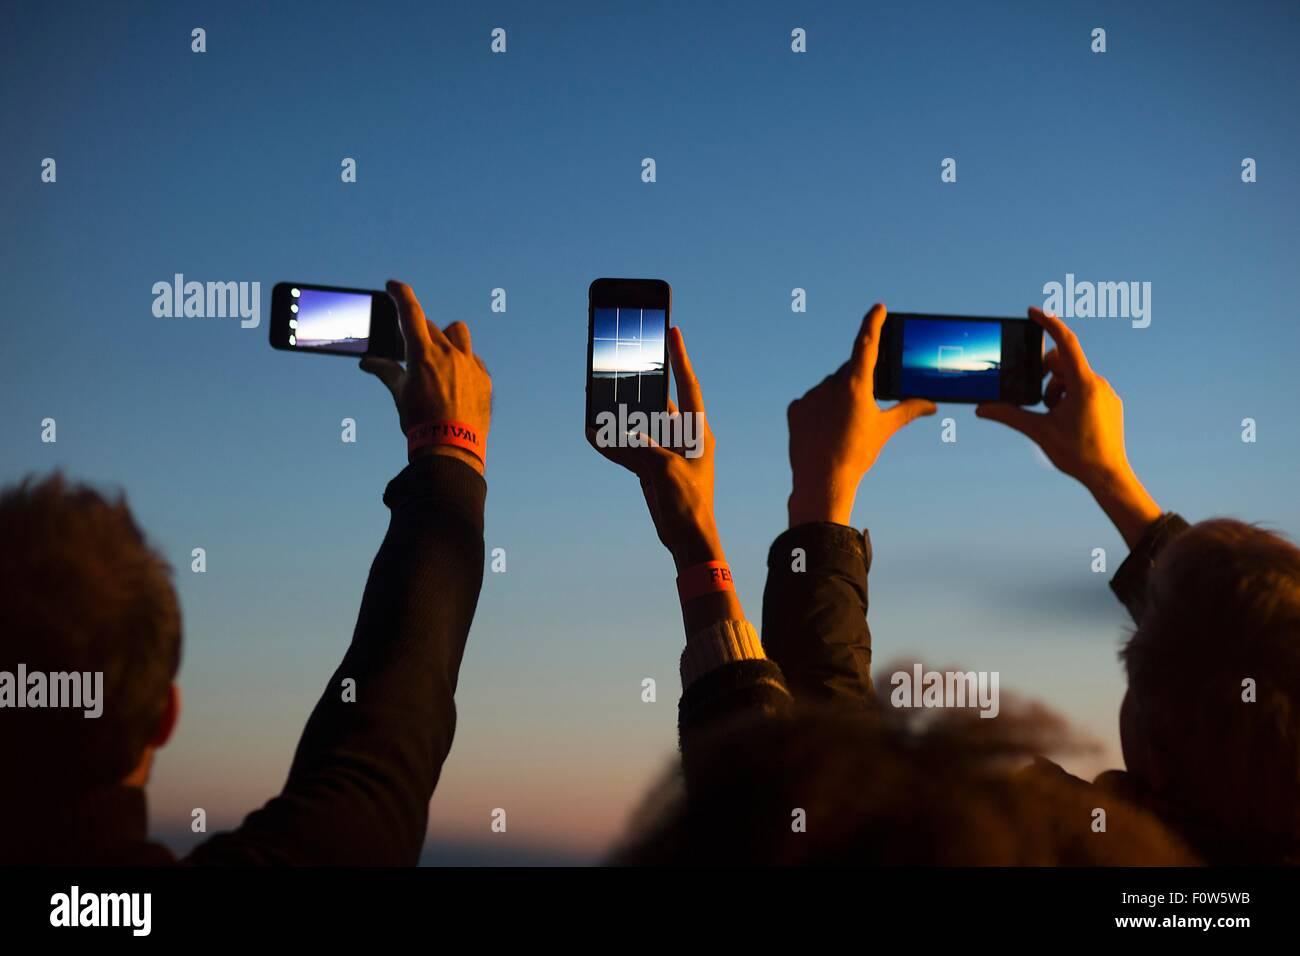 Gli amici di prendere foto con lo smartphone al crepuscolo Immagini Stock